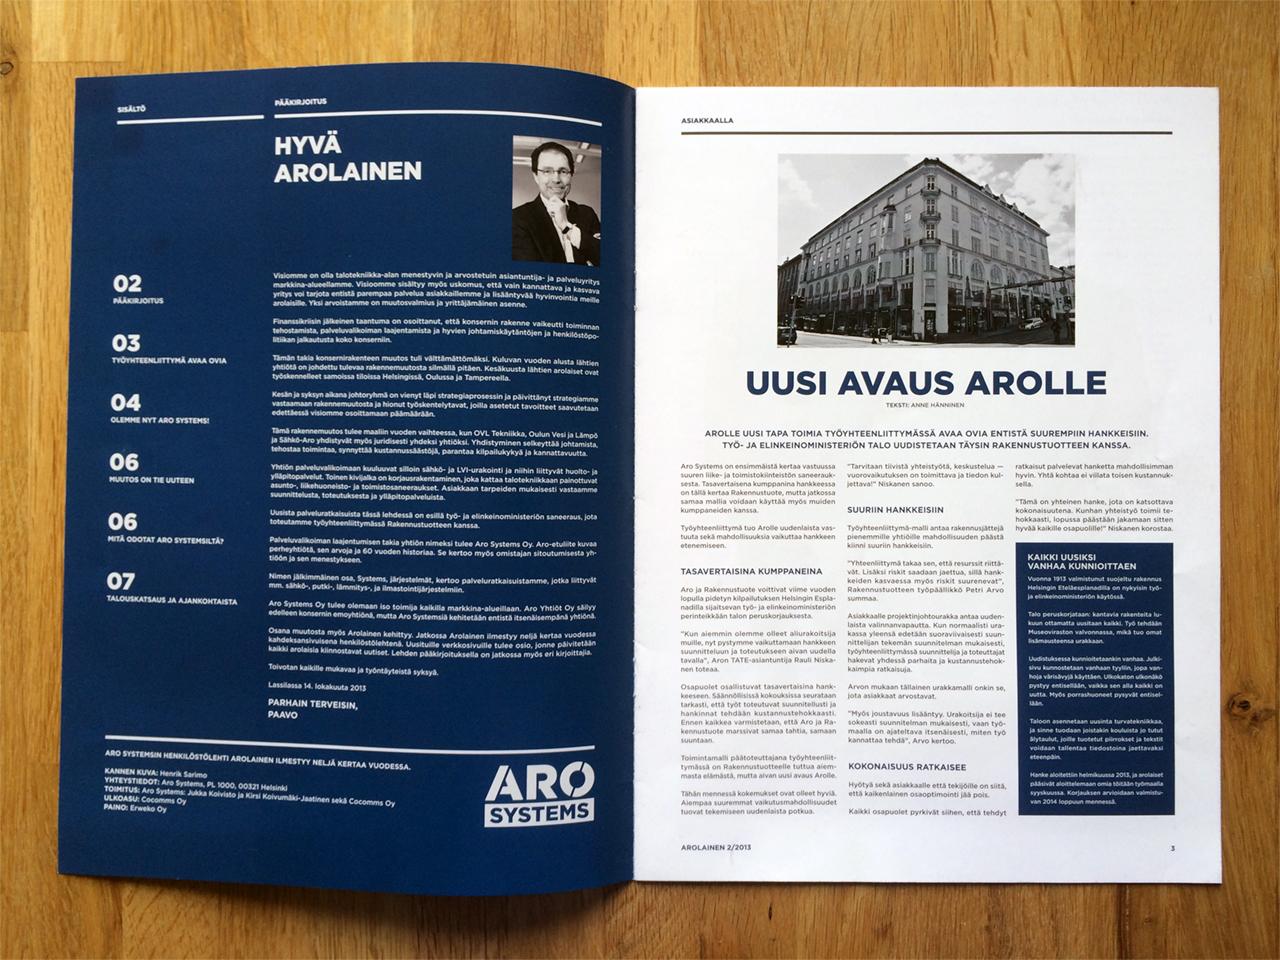 Aro Systems magazine detail 1